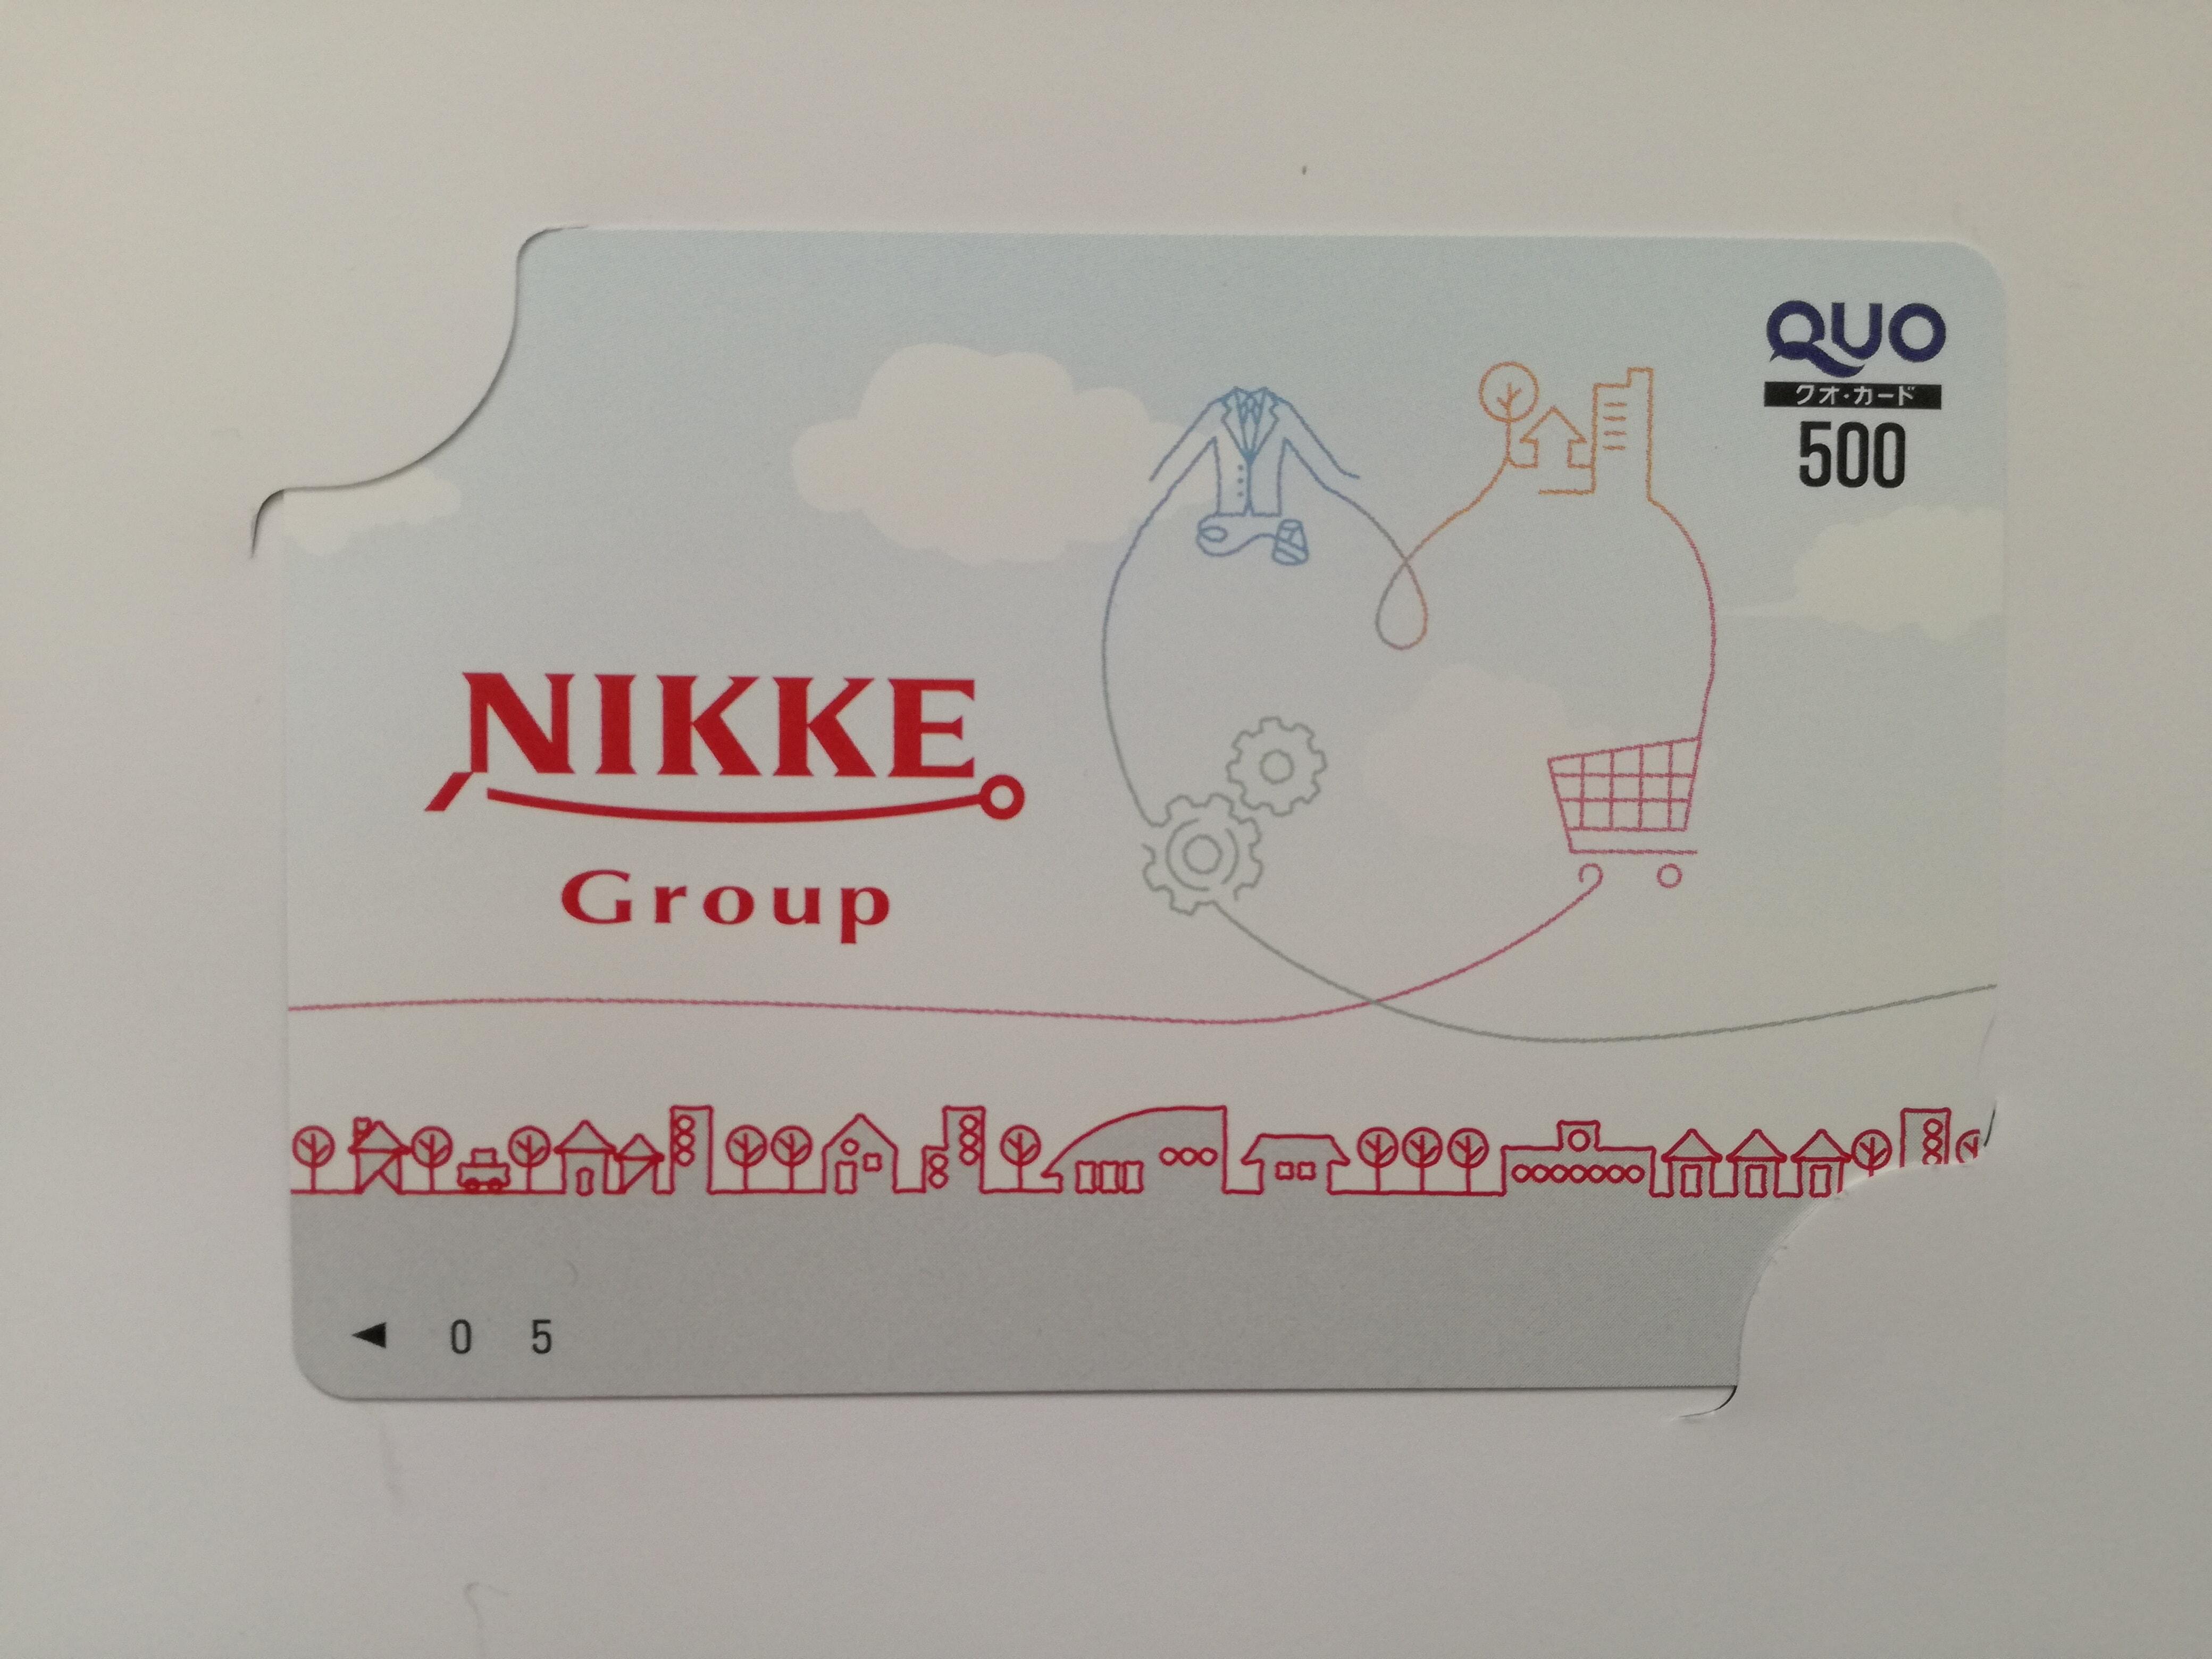 株主優待が年2回のニッケ(3201)から株主優待クオカードが到着!